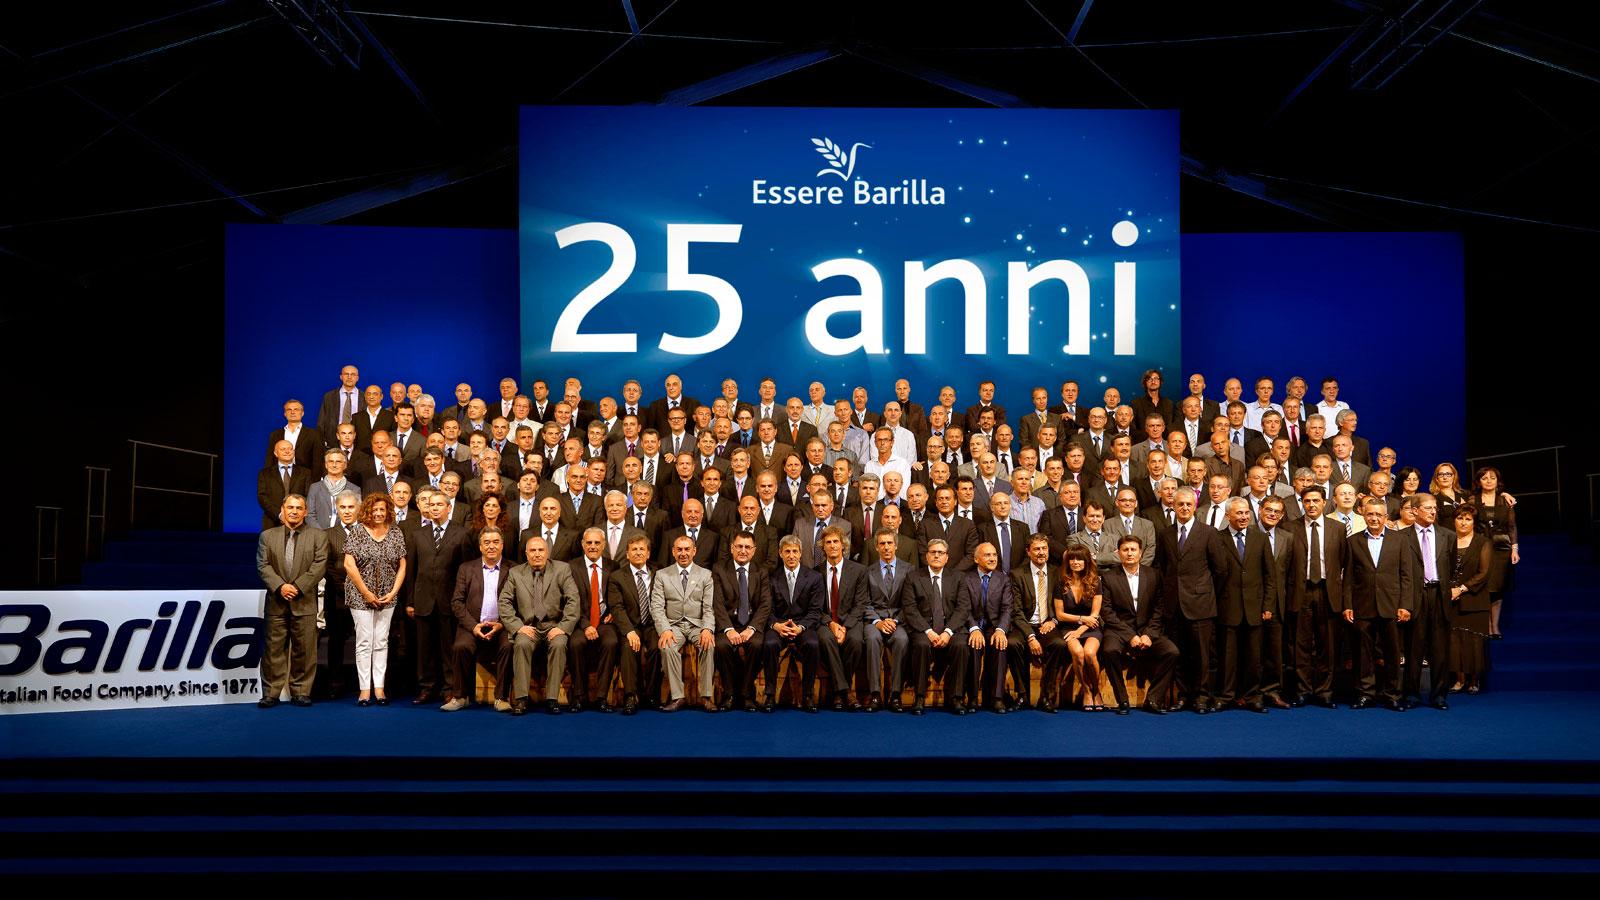 2011-BARILLA-ESSERE-5